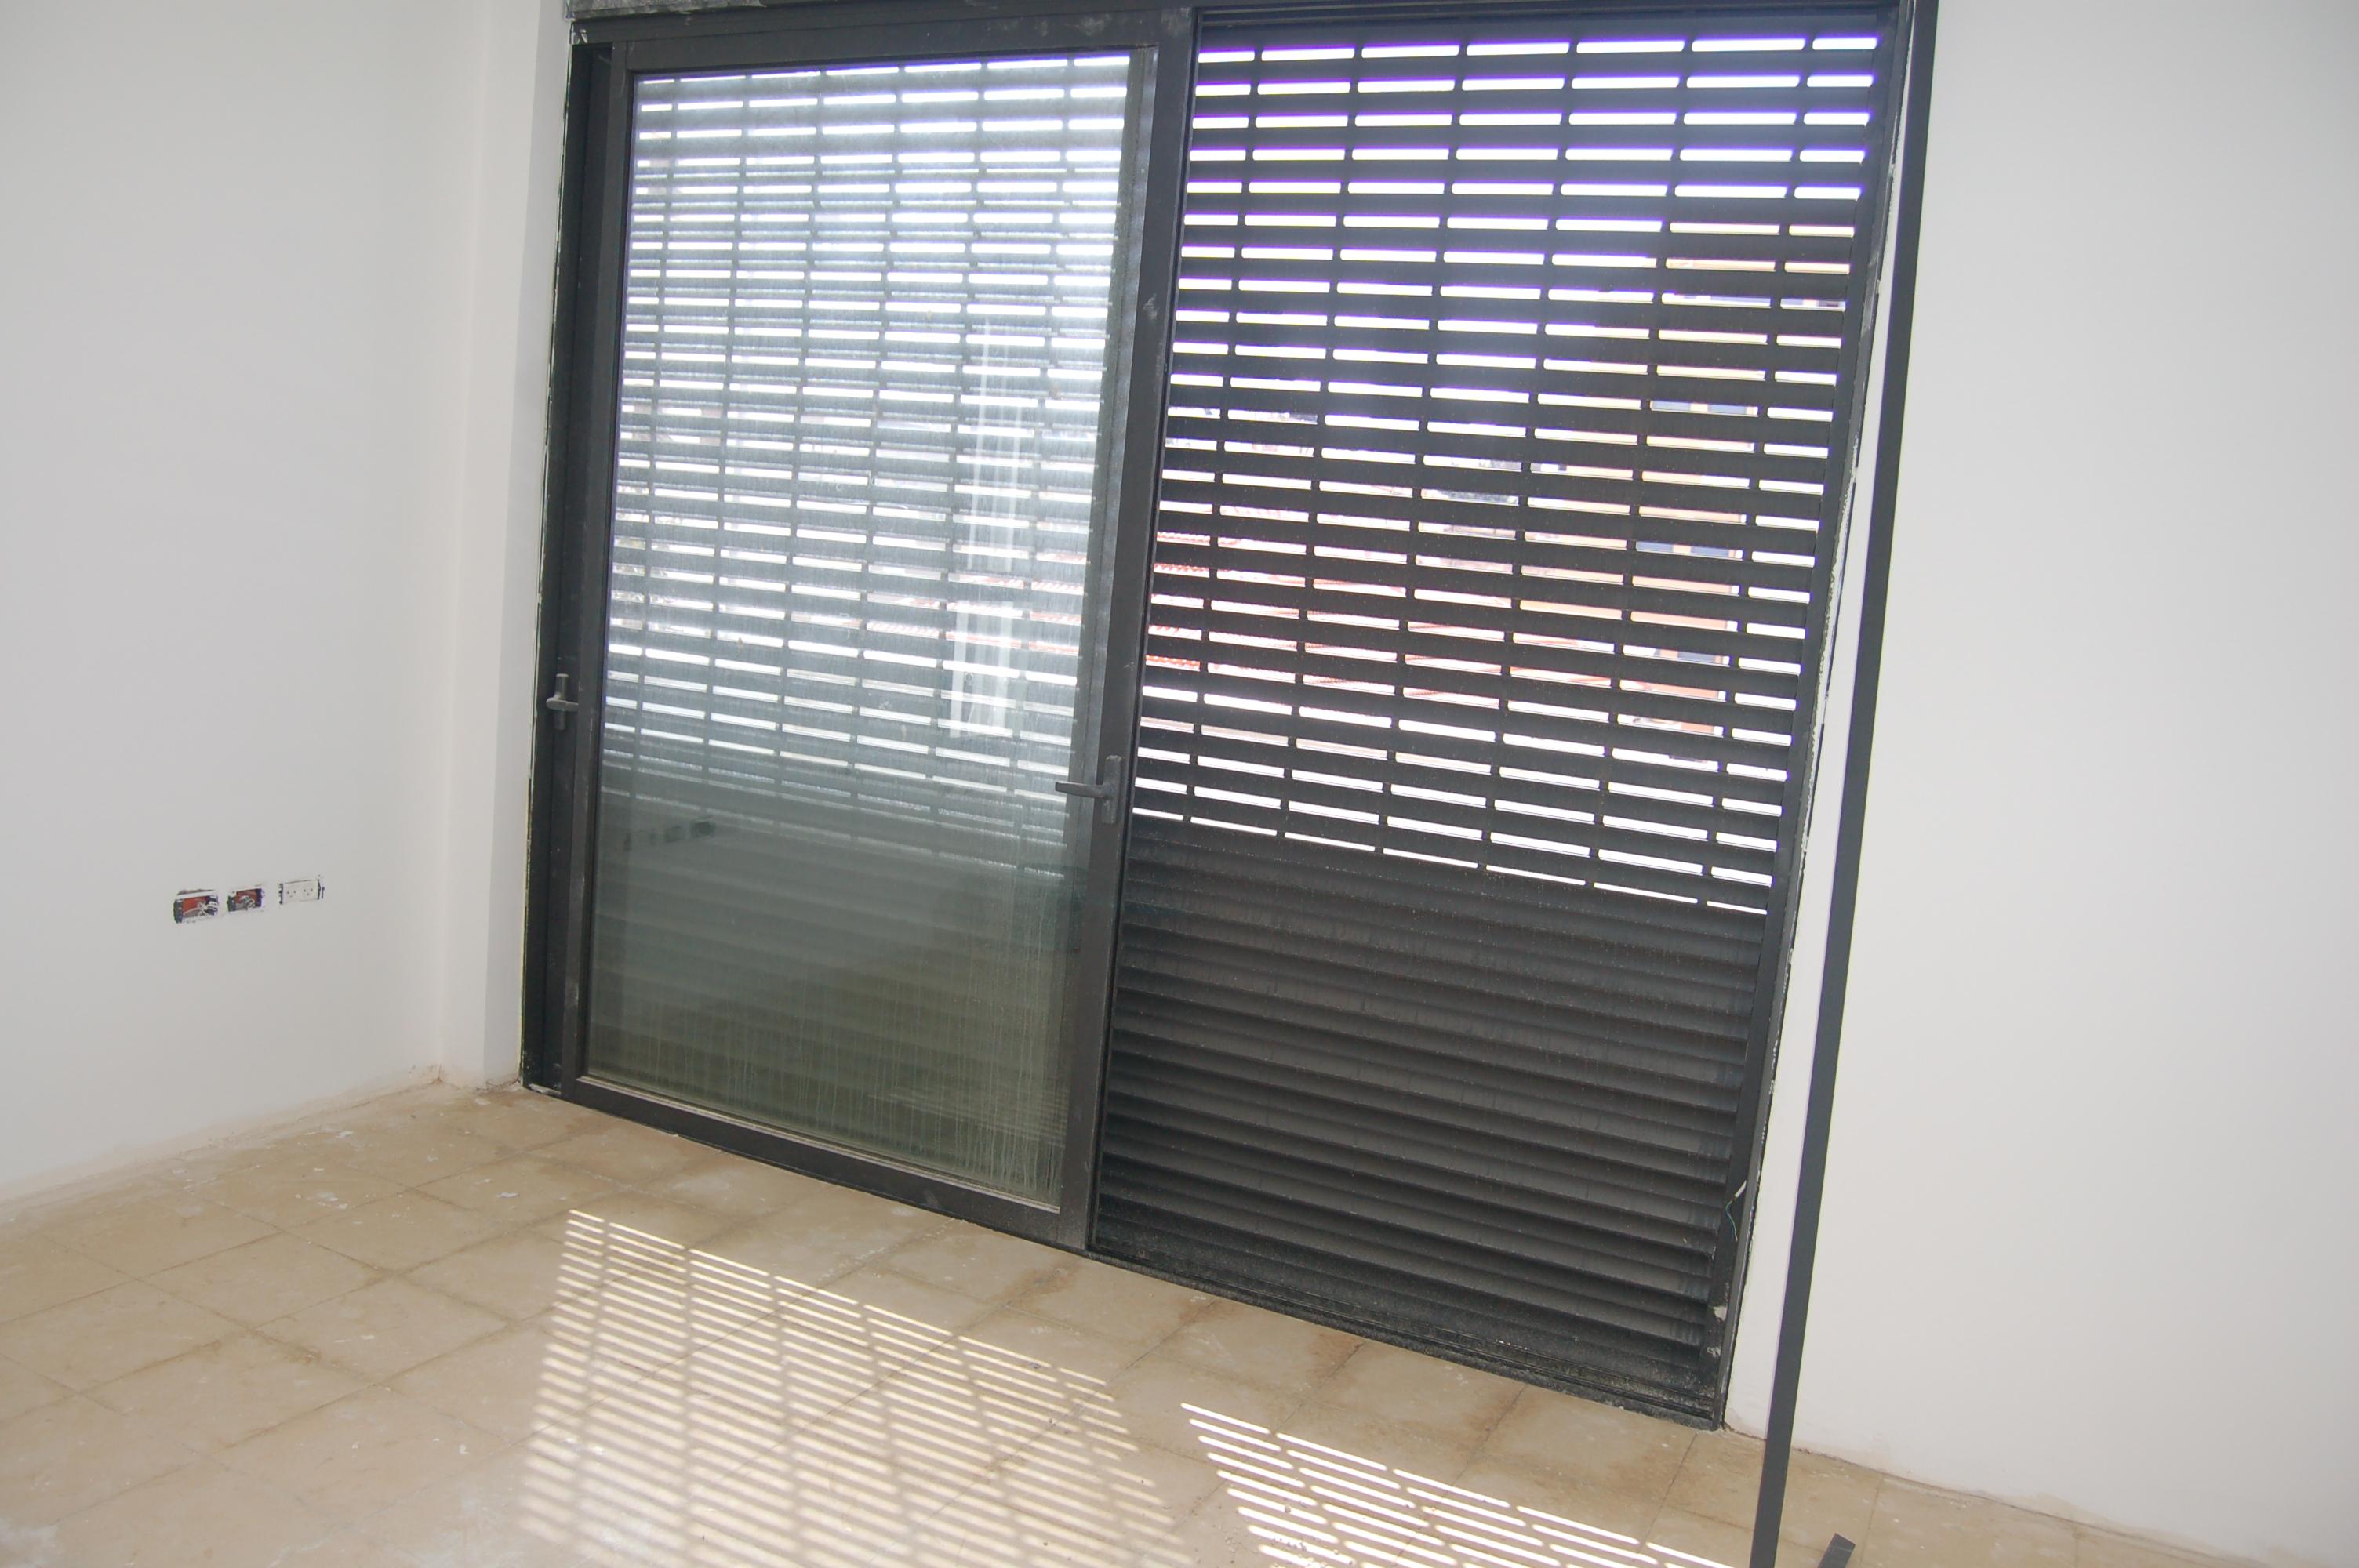 דלת יציאה למרפסת עם תריס גלילה